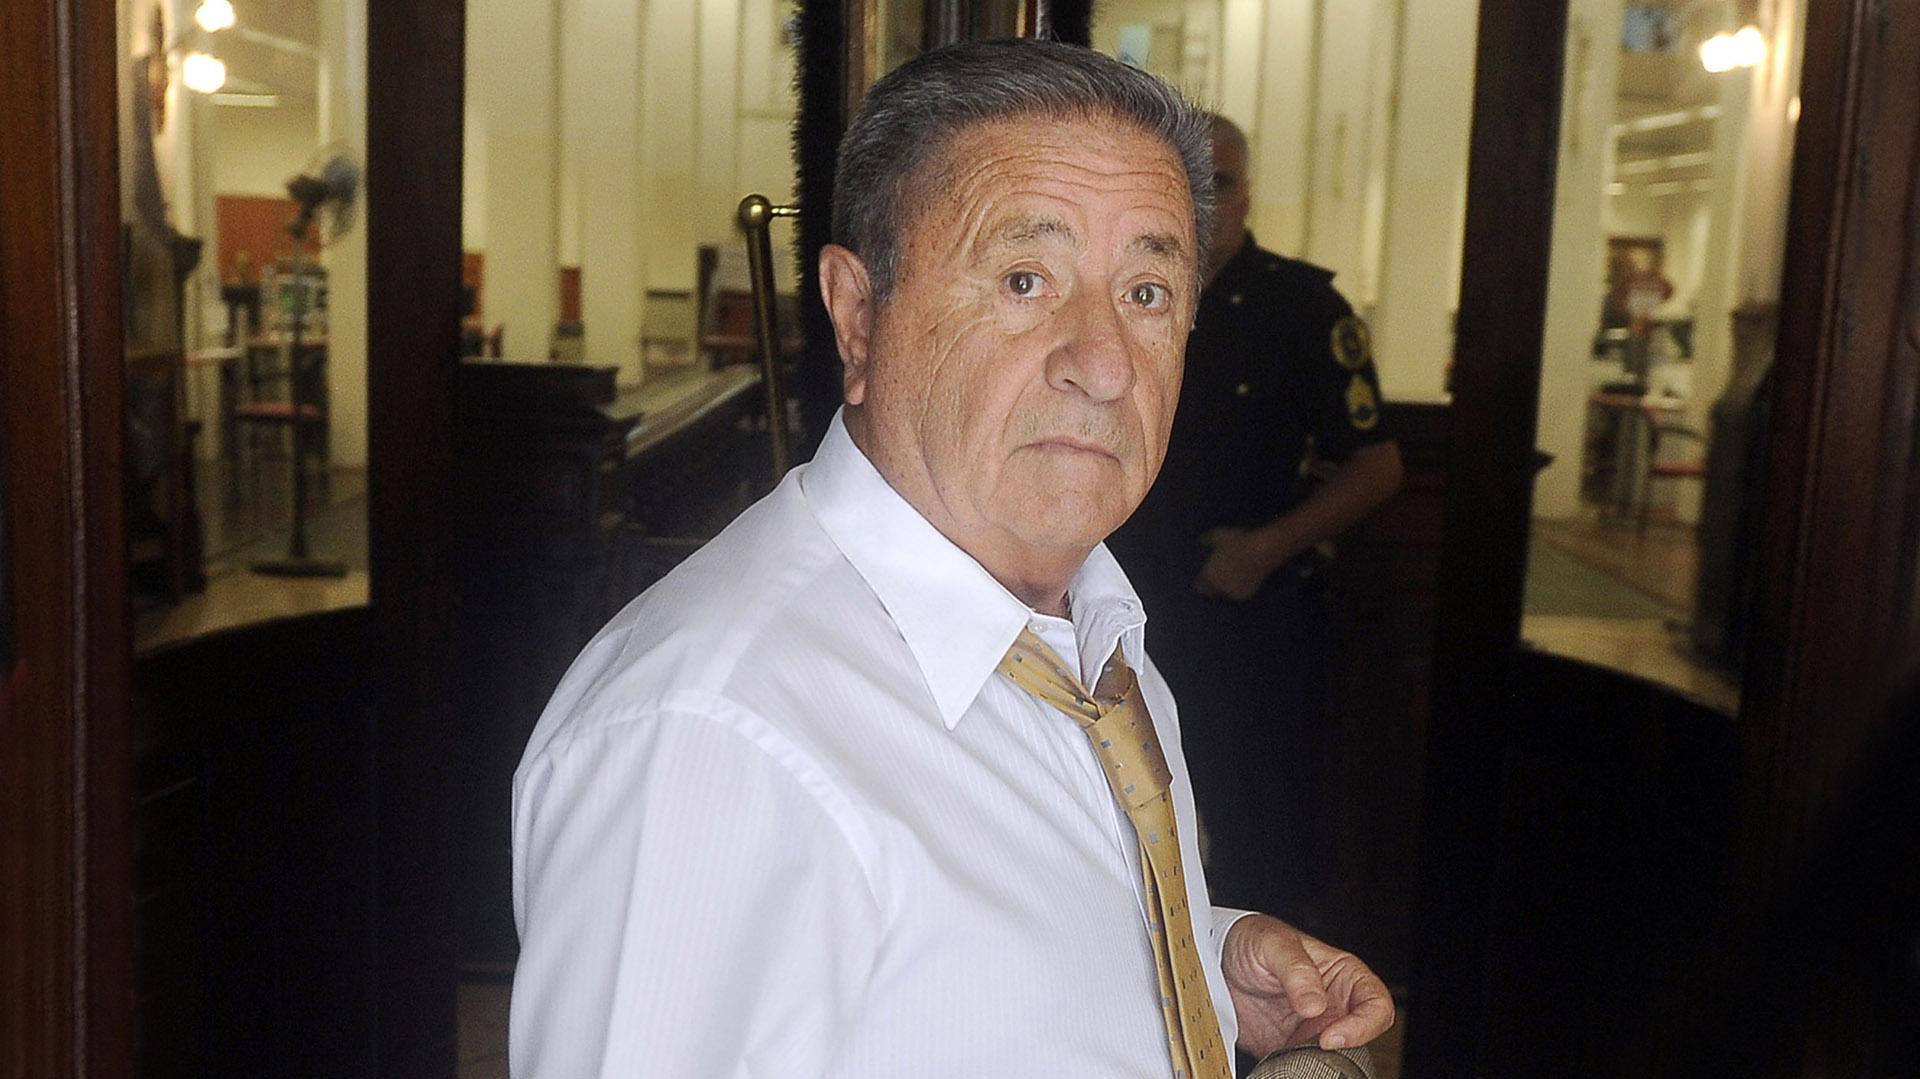 Eduardo Duhalde demandó a D'Elía por vincularlo con el narcotráfico (foto Télam)